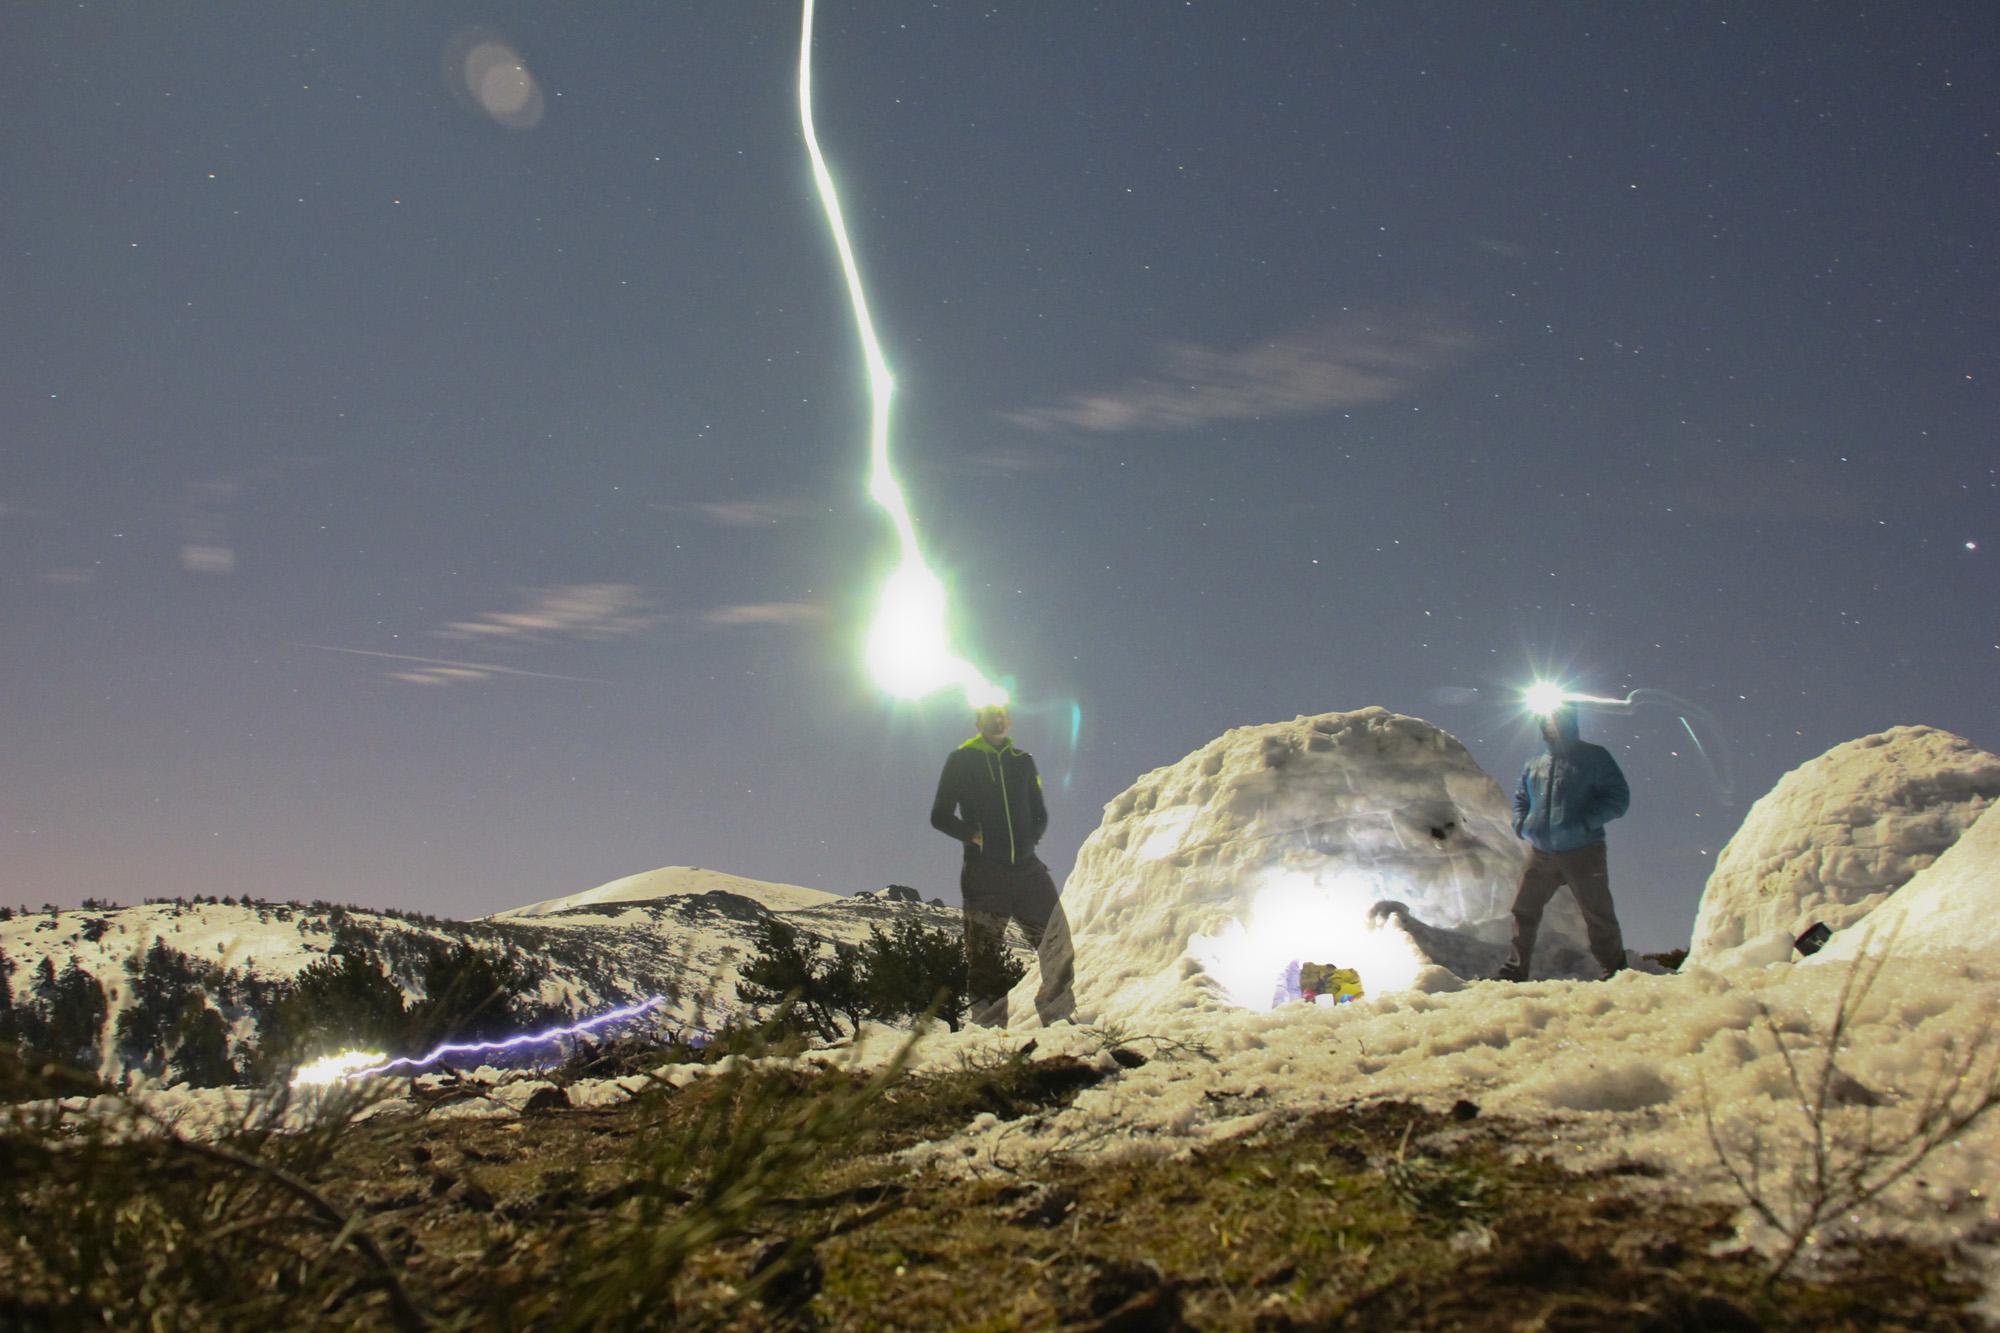 Curso de seguridad, emergencias y supervivencia deportiva en climas frios con Jaime Barrallo (Marzo 2014)